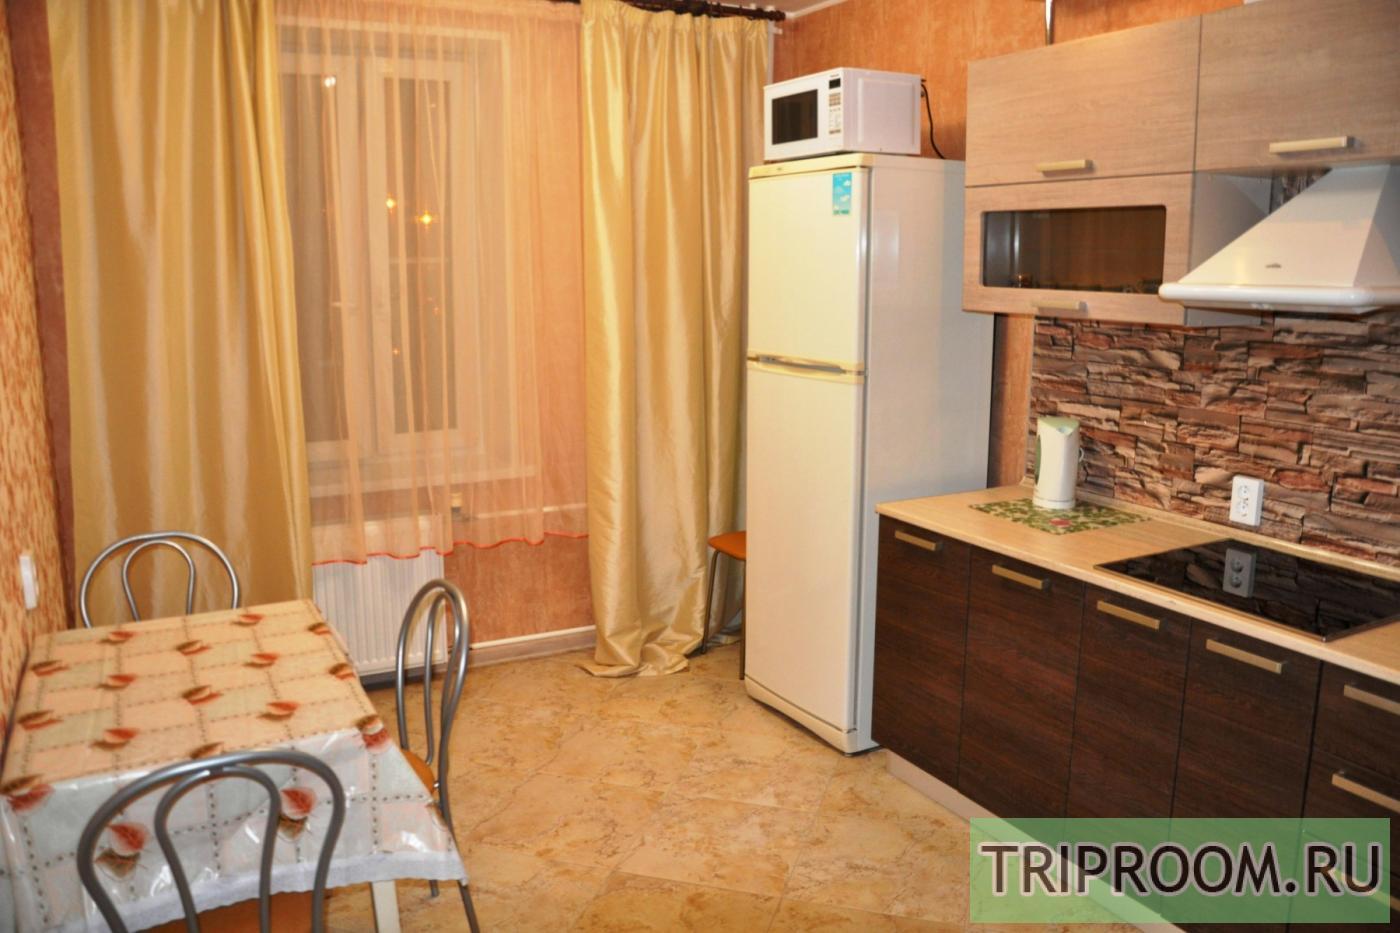 2-комнатная квартира посуточно (вариант № 22362), ул. Латышских Стрелков, фото № 2